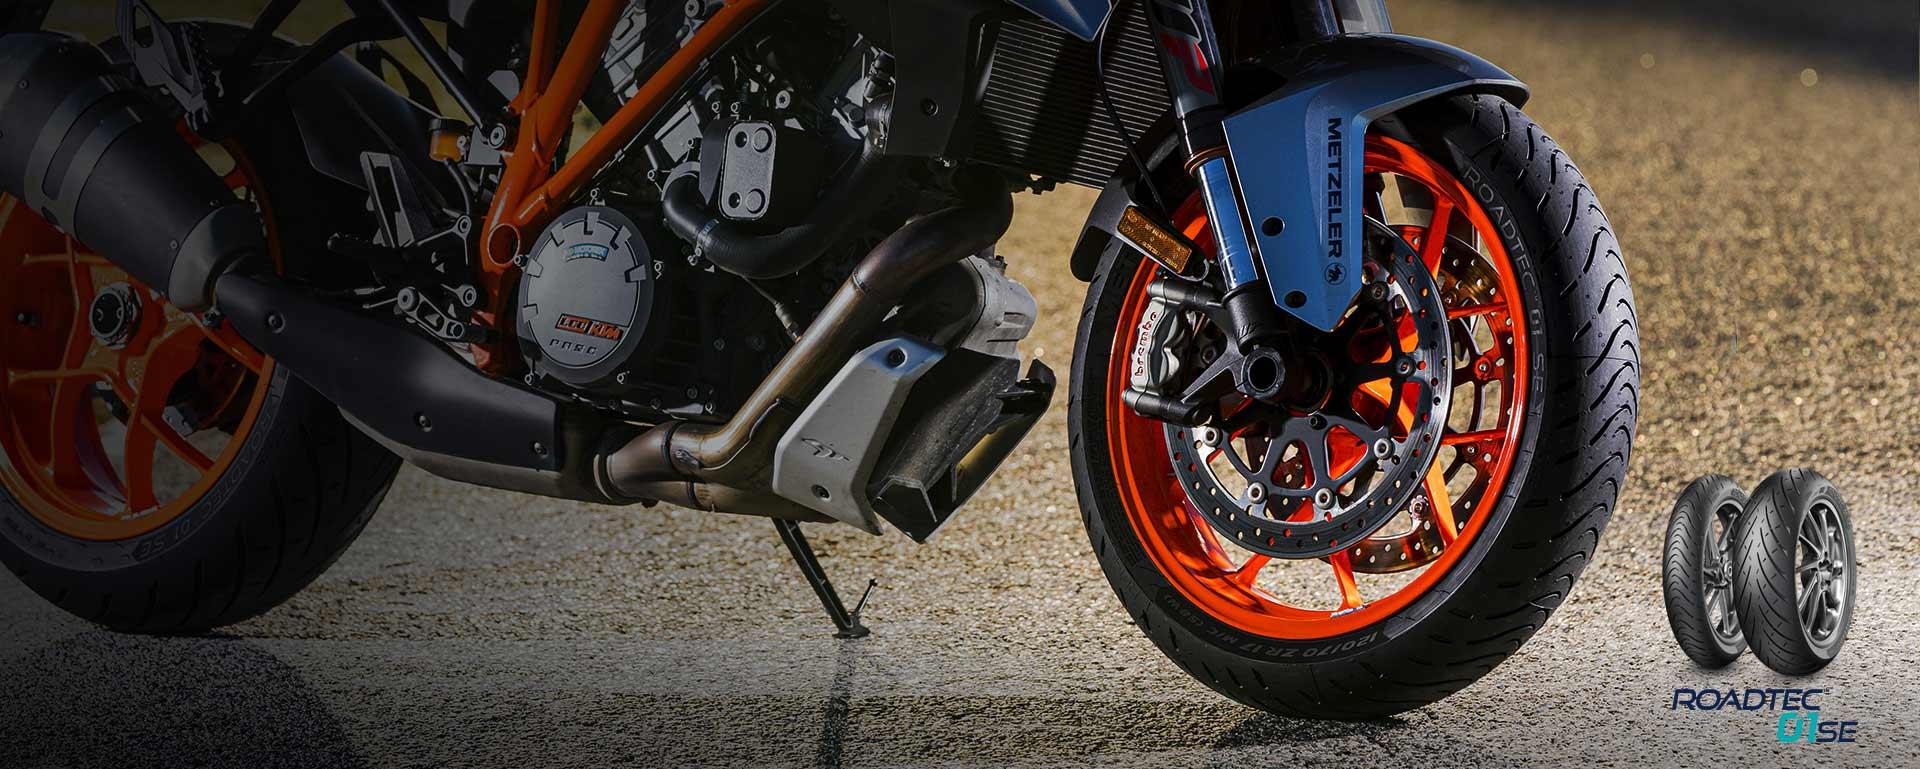 Metzeler Roadtec 01 SE déclaré vainqueur des tests par le magazine Motorrad